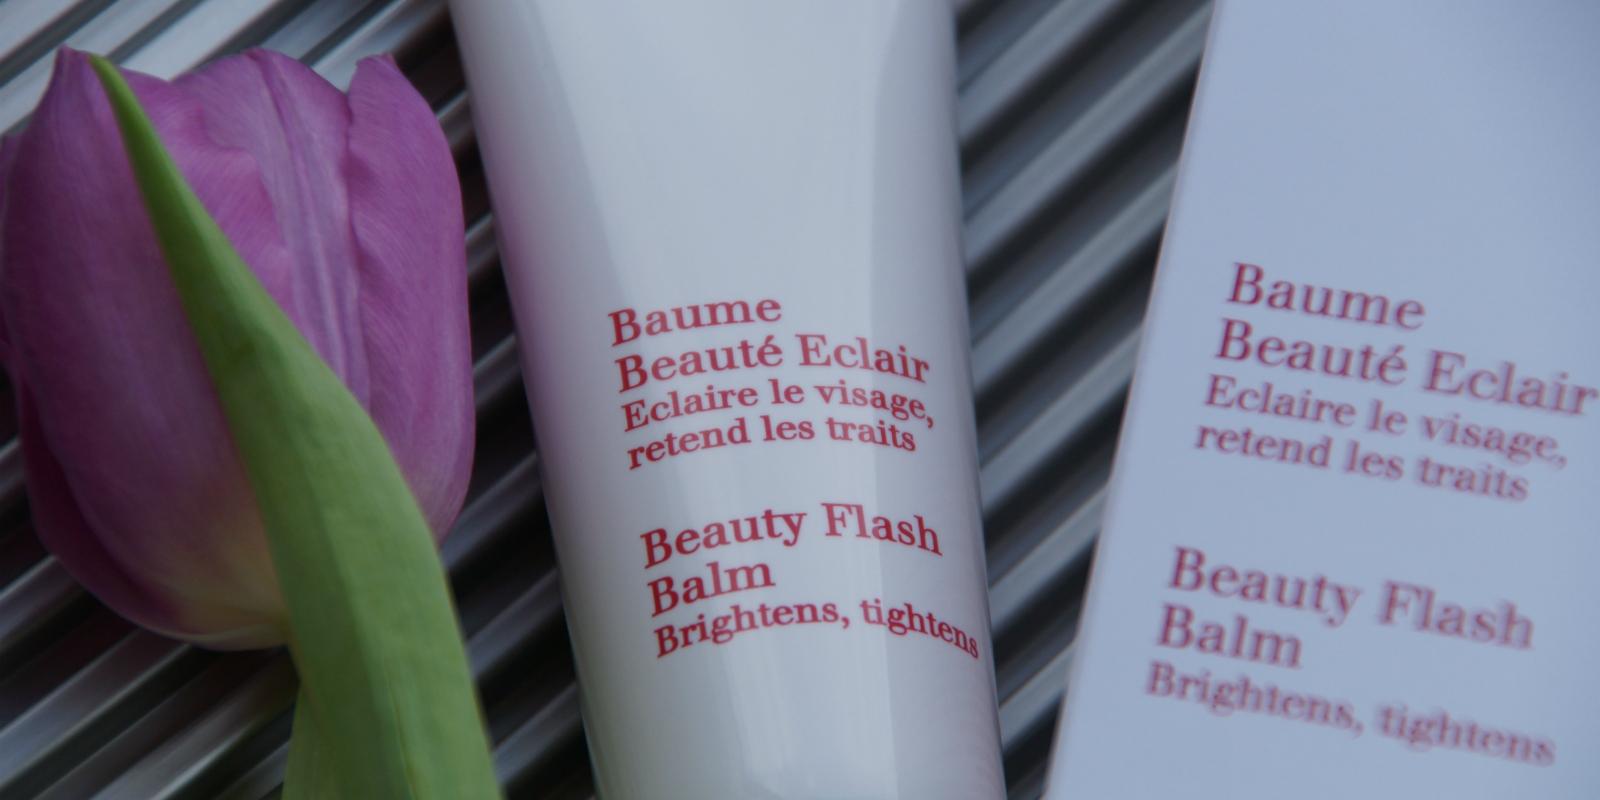 Clarins Baume Beauté Eclair Flash Balm im iknmlo Modeblog für Frauen über 40